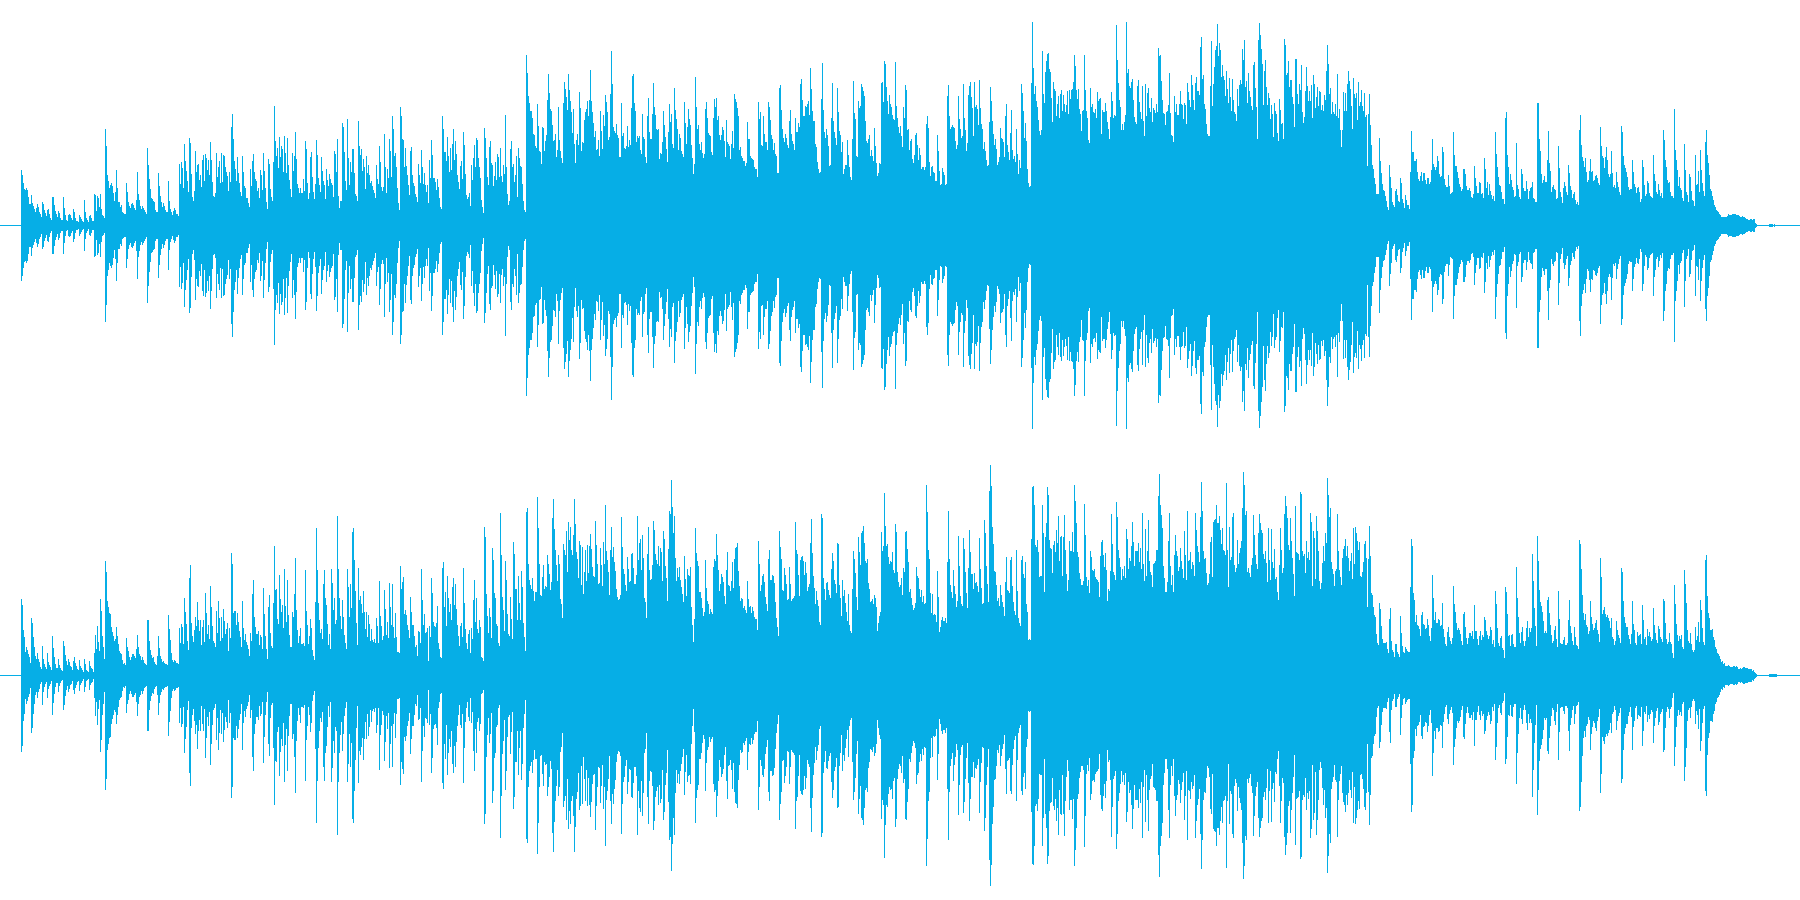 やさしくて心地よいピアノメロディーの再生済みの波形